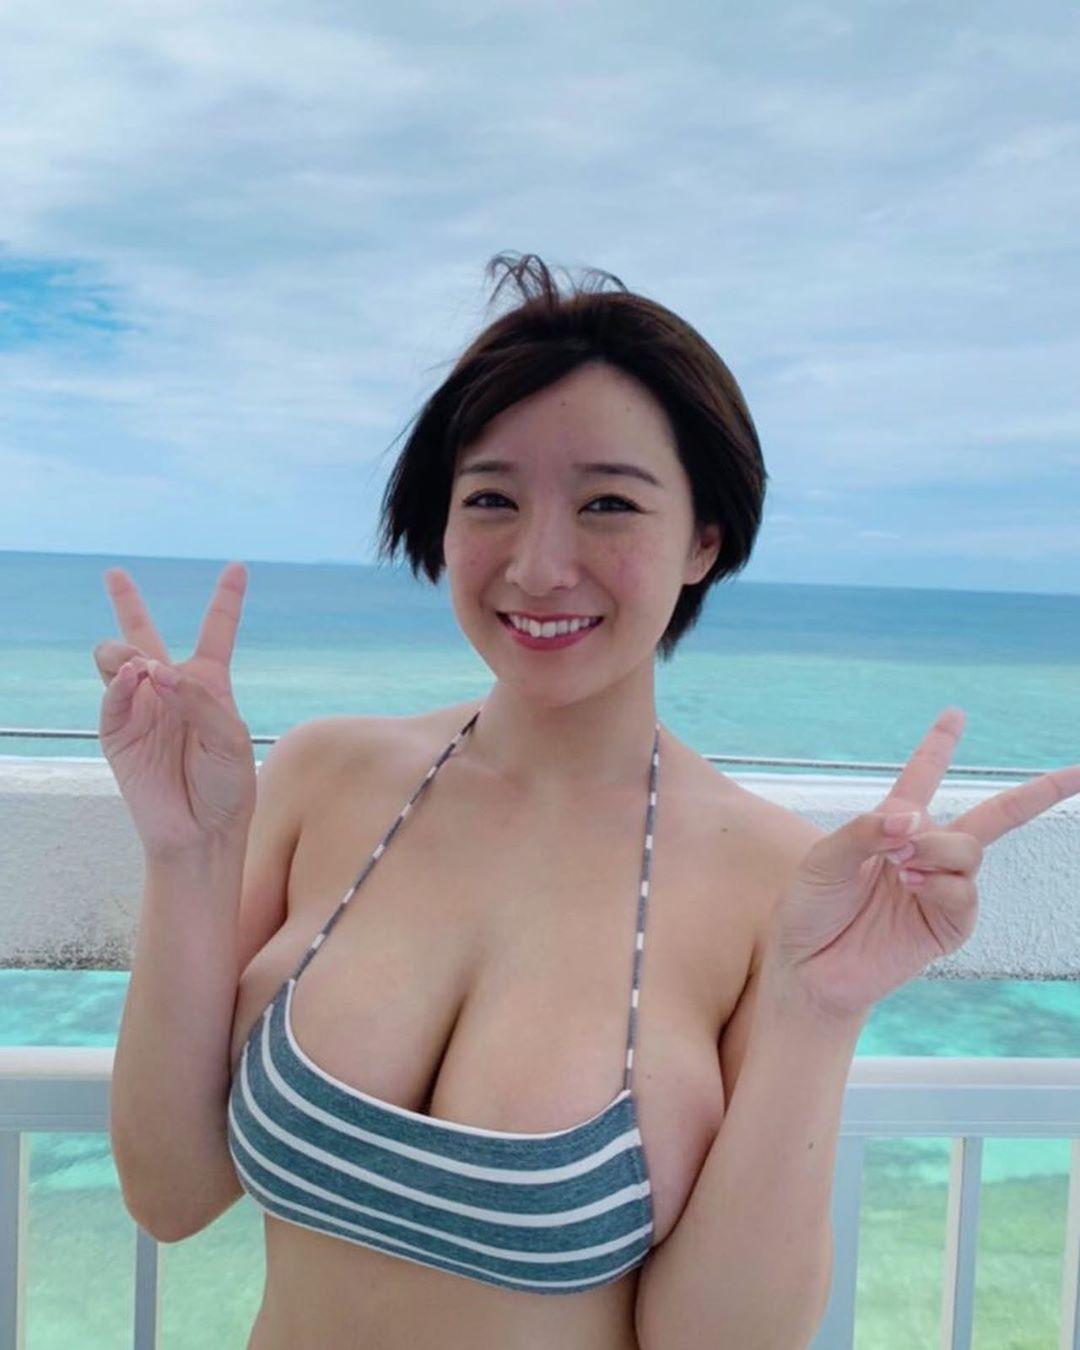 konno_shiori193.jpg